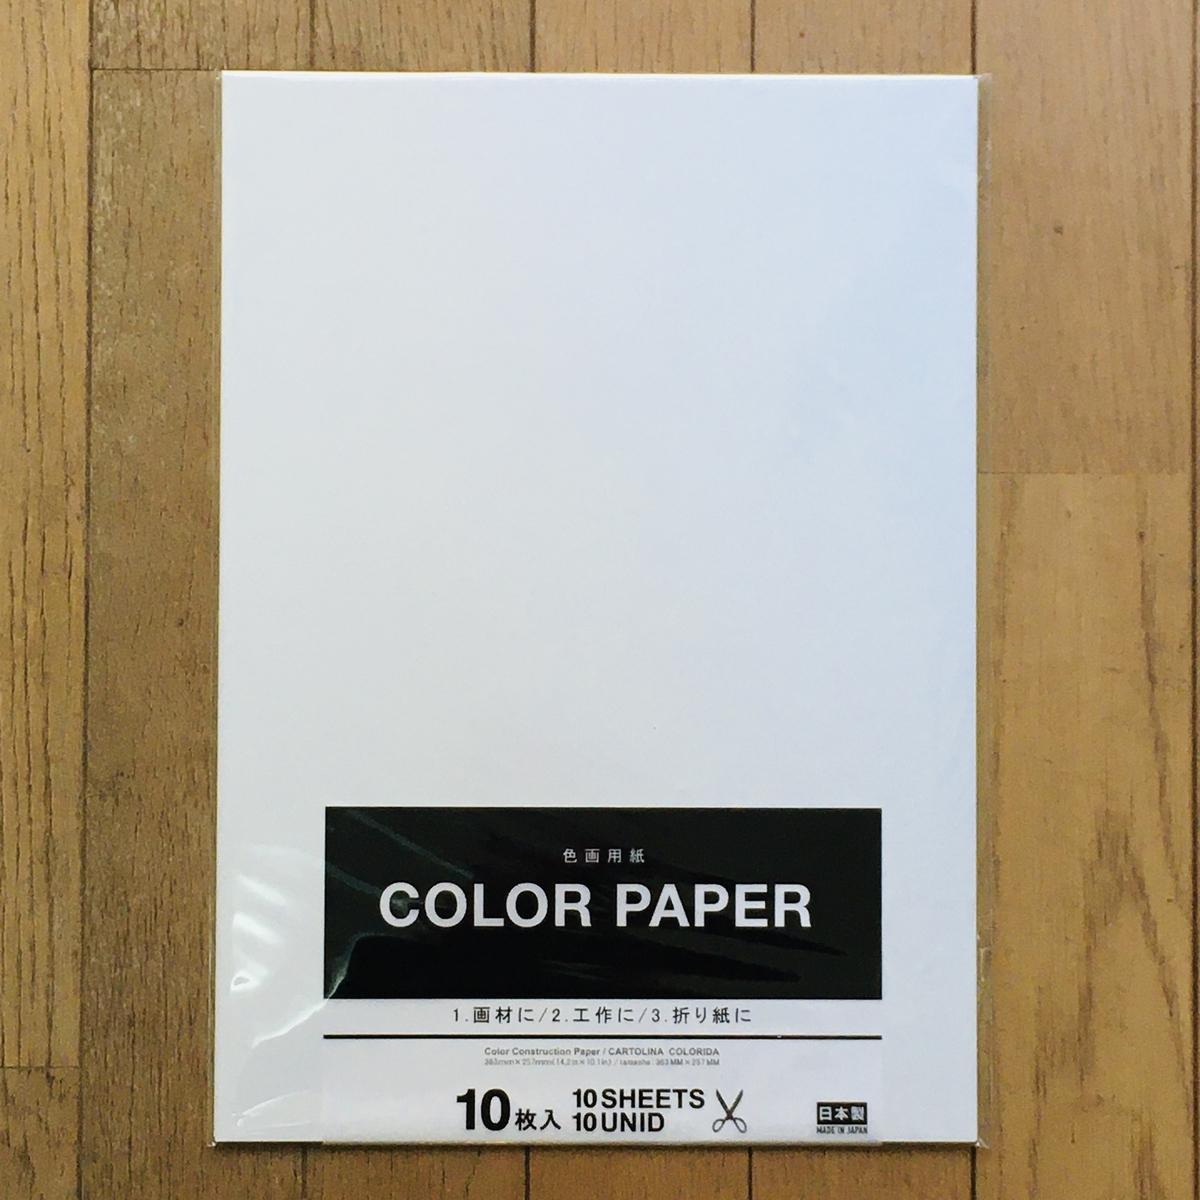 ミモモスティがダイソーで購入した「COLOR PAPER 色画用紙:スノーホワイト」表側。